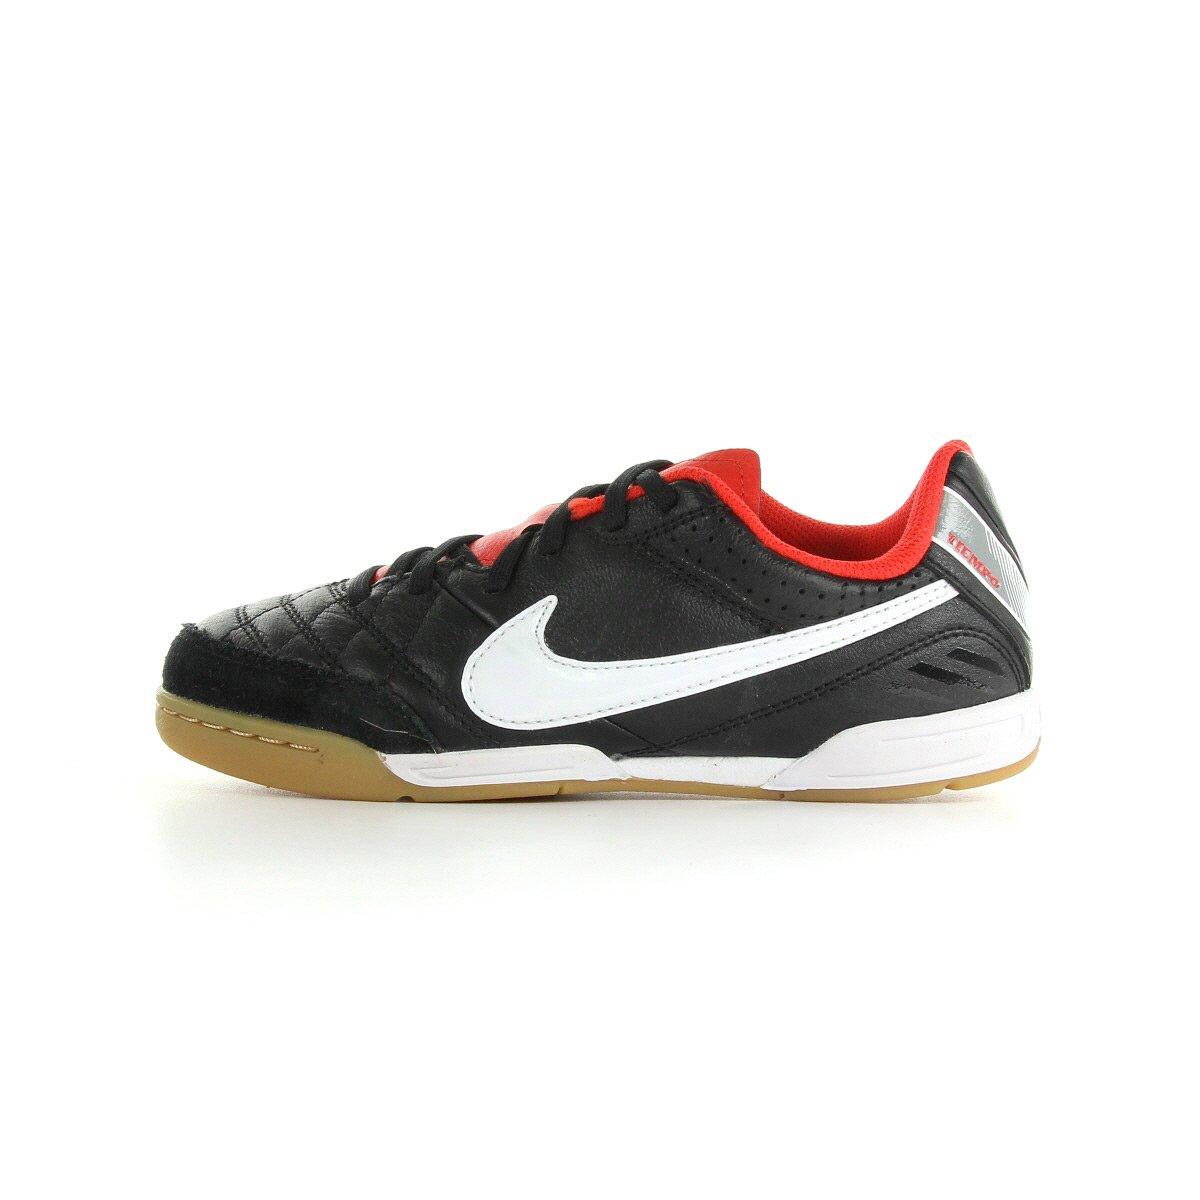 509082 010 Nike Tiempo Natural IV Leder schwarz 38 US 5,5